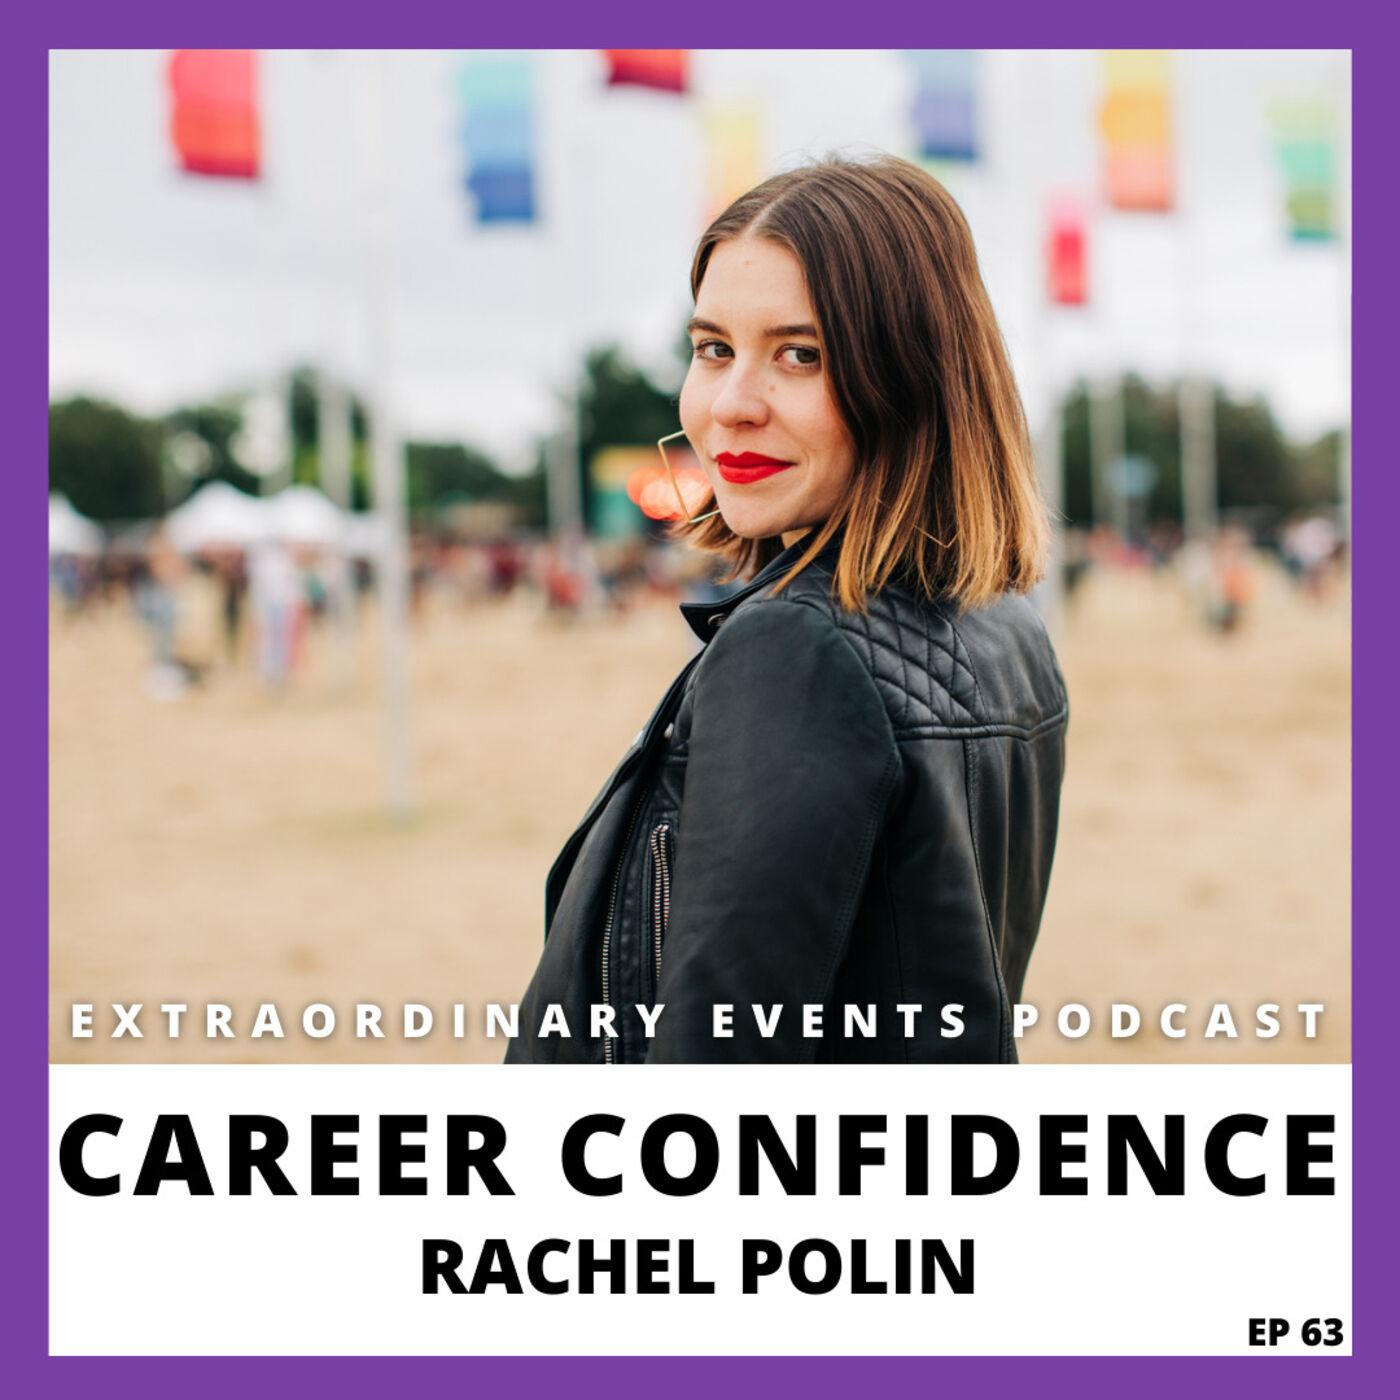 Ep 63: Career Confidence with Rachel Polin